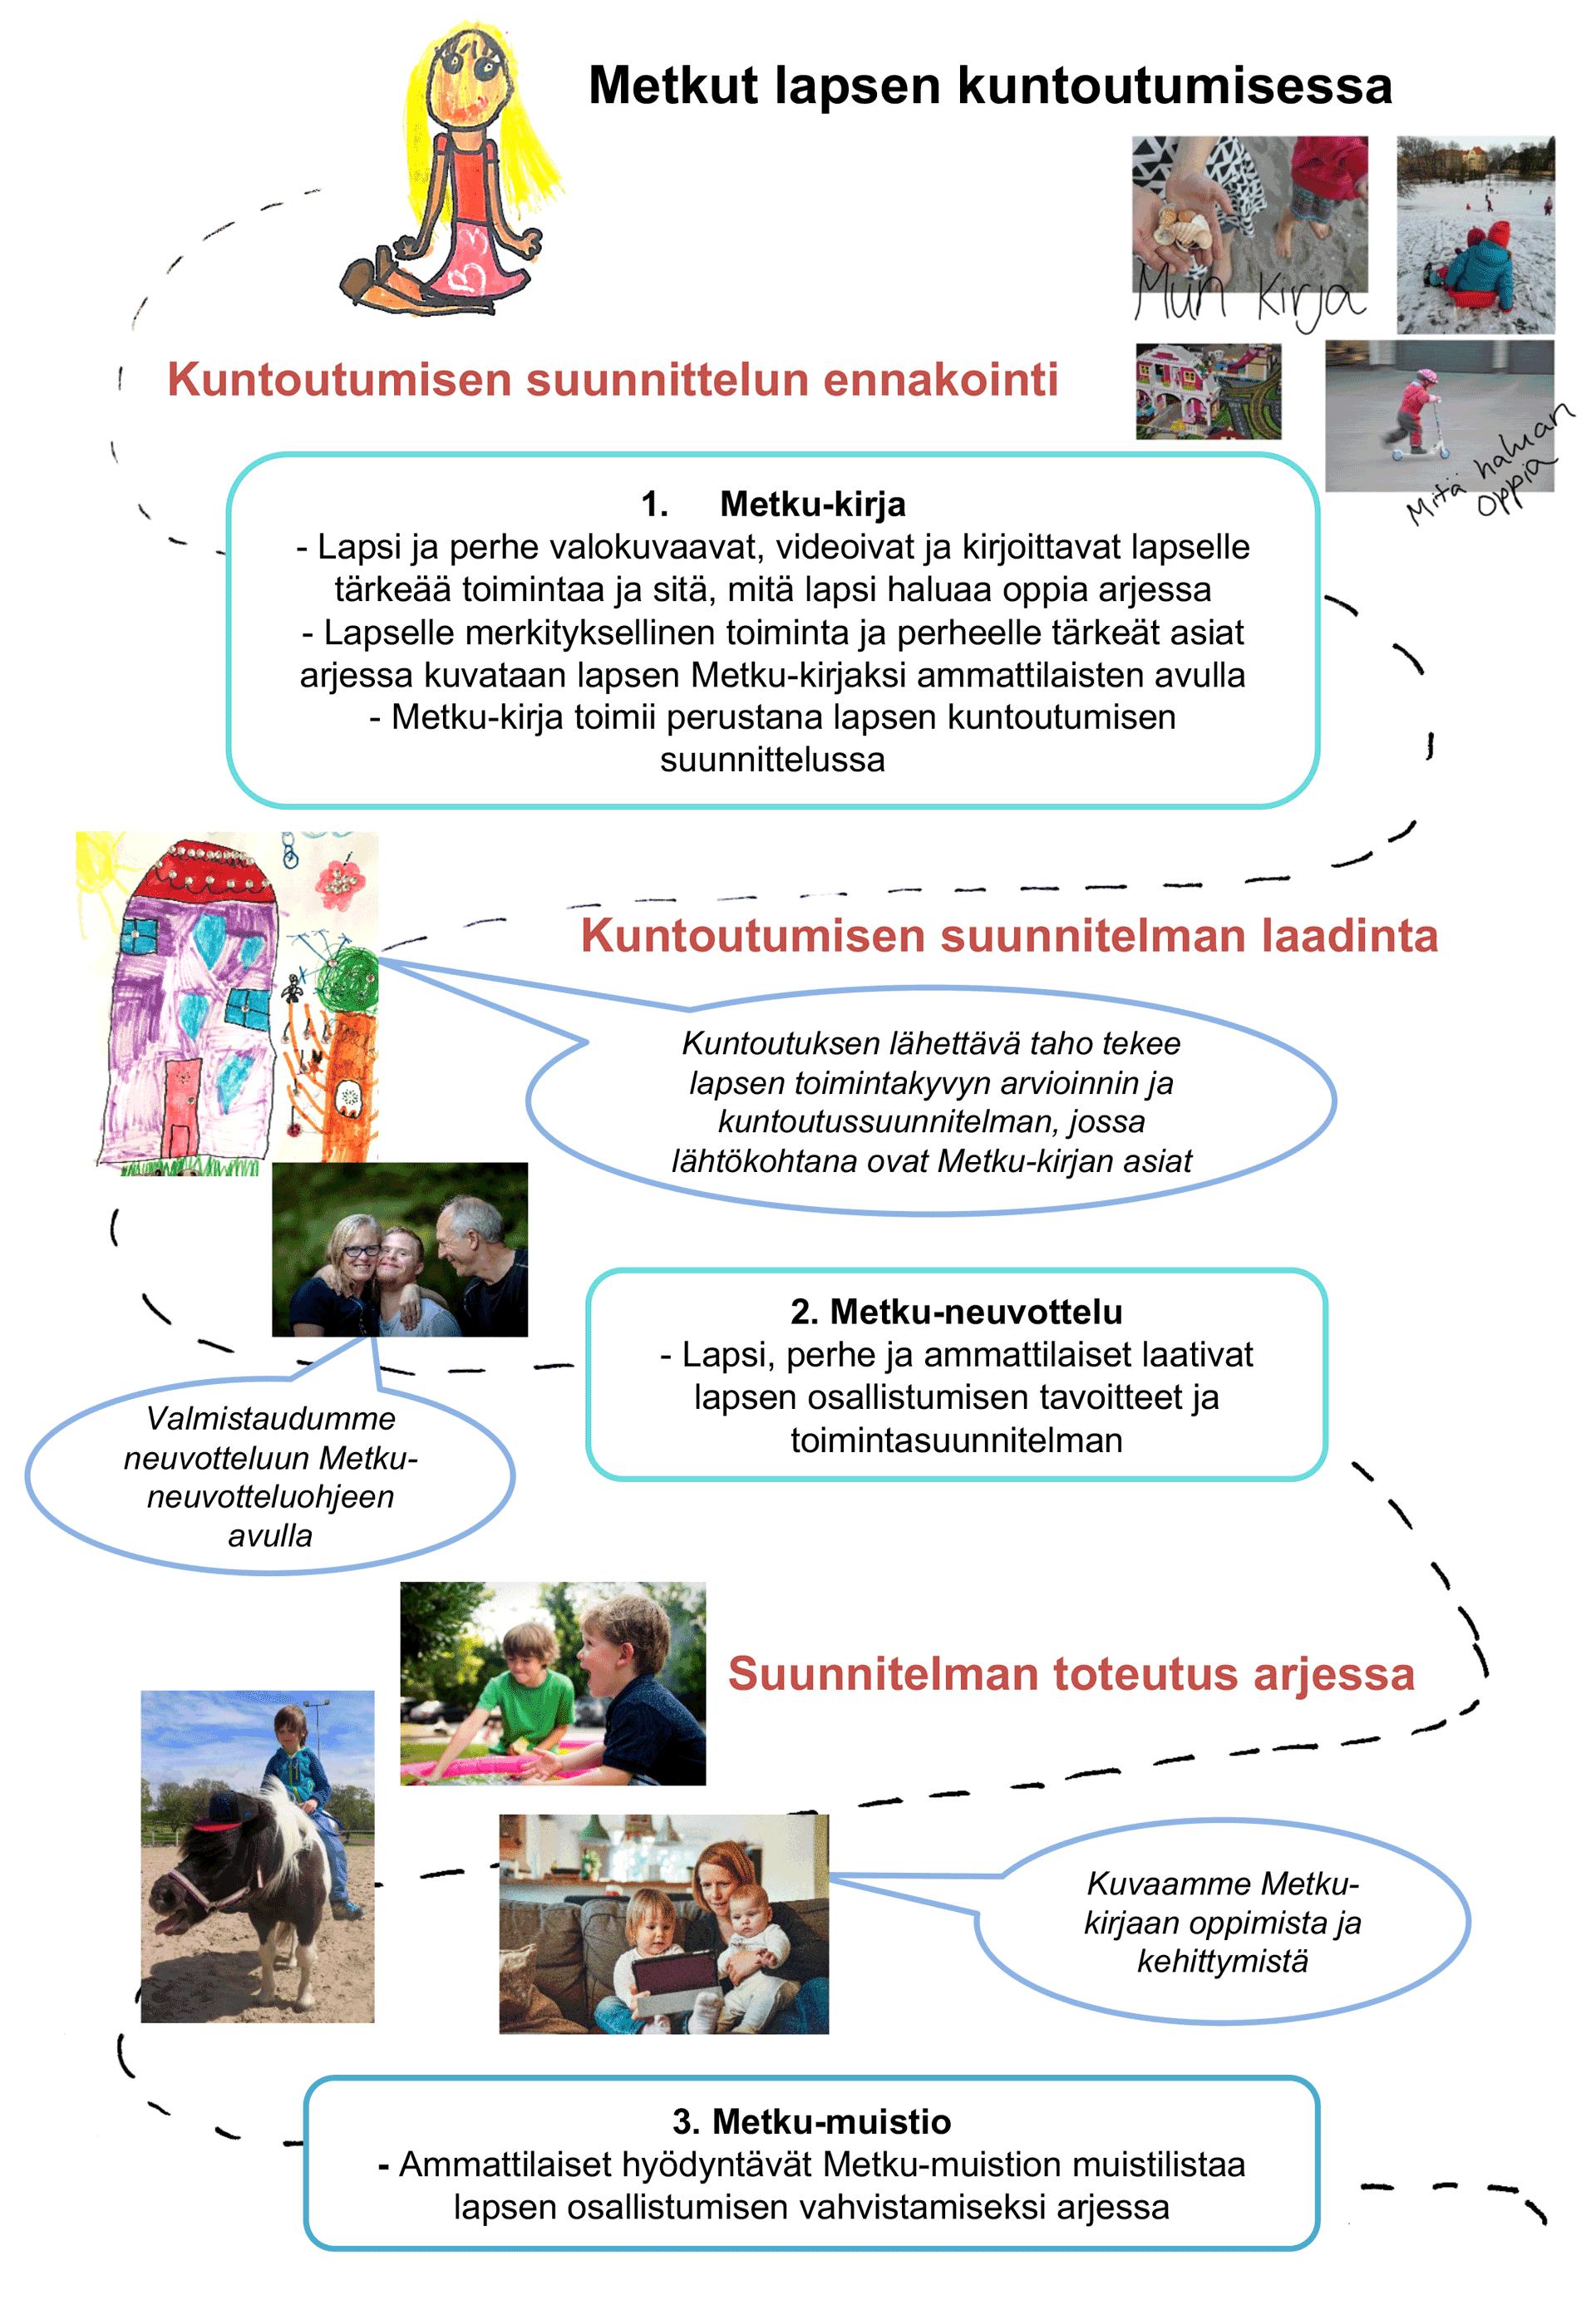 Metkut lapsen kuntoutuksessa